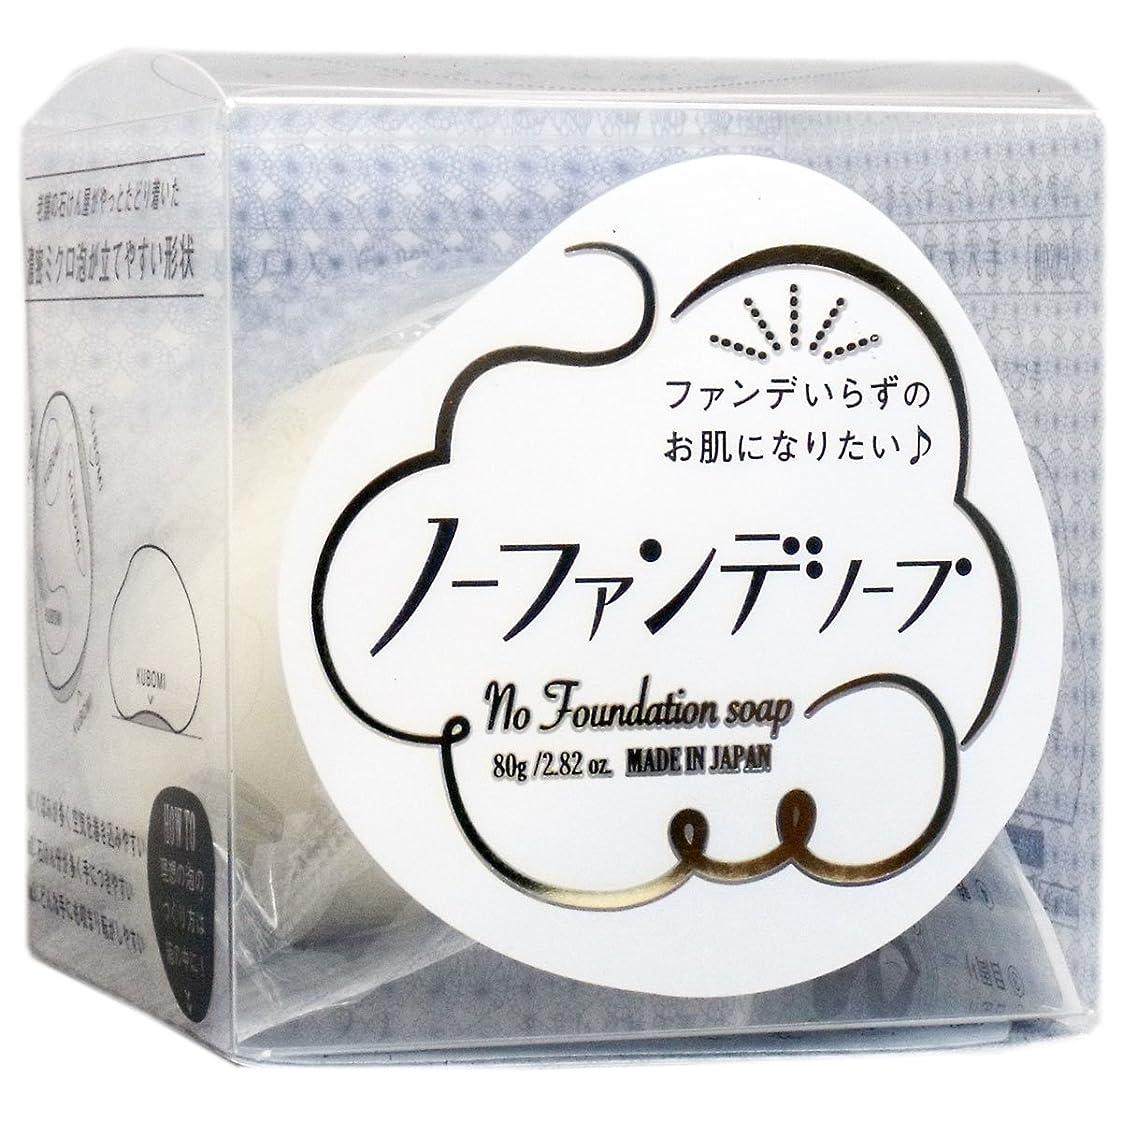 石鹸嫌がらせ干し草【まとめ買い】ノーファンデソープ 80g【×4個】